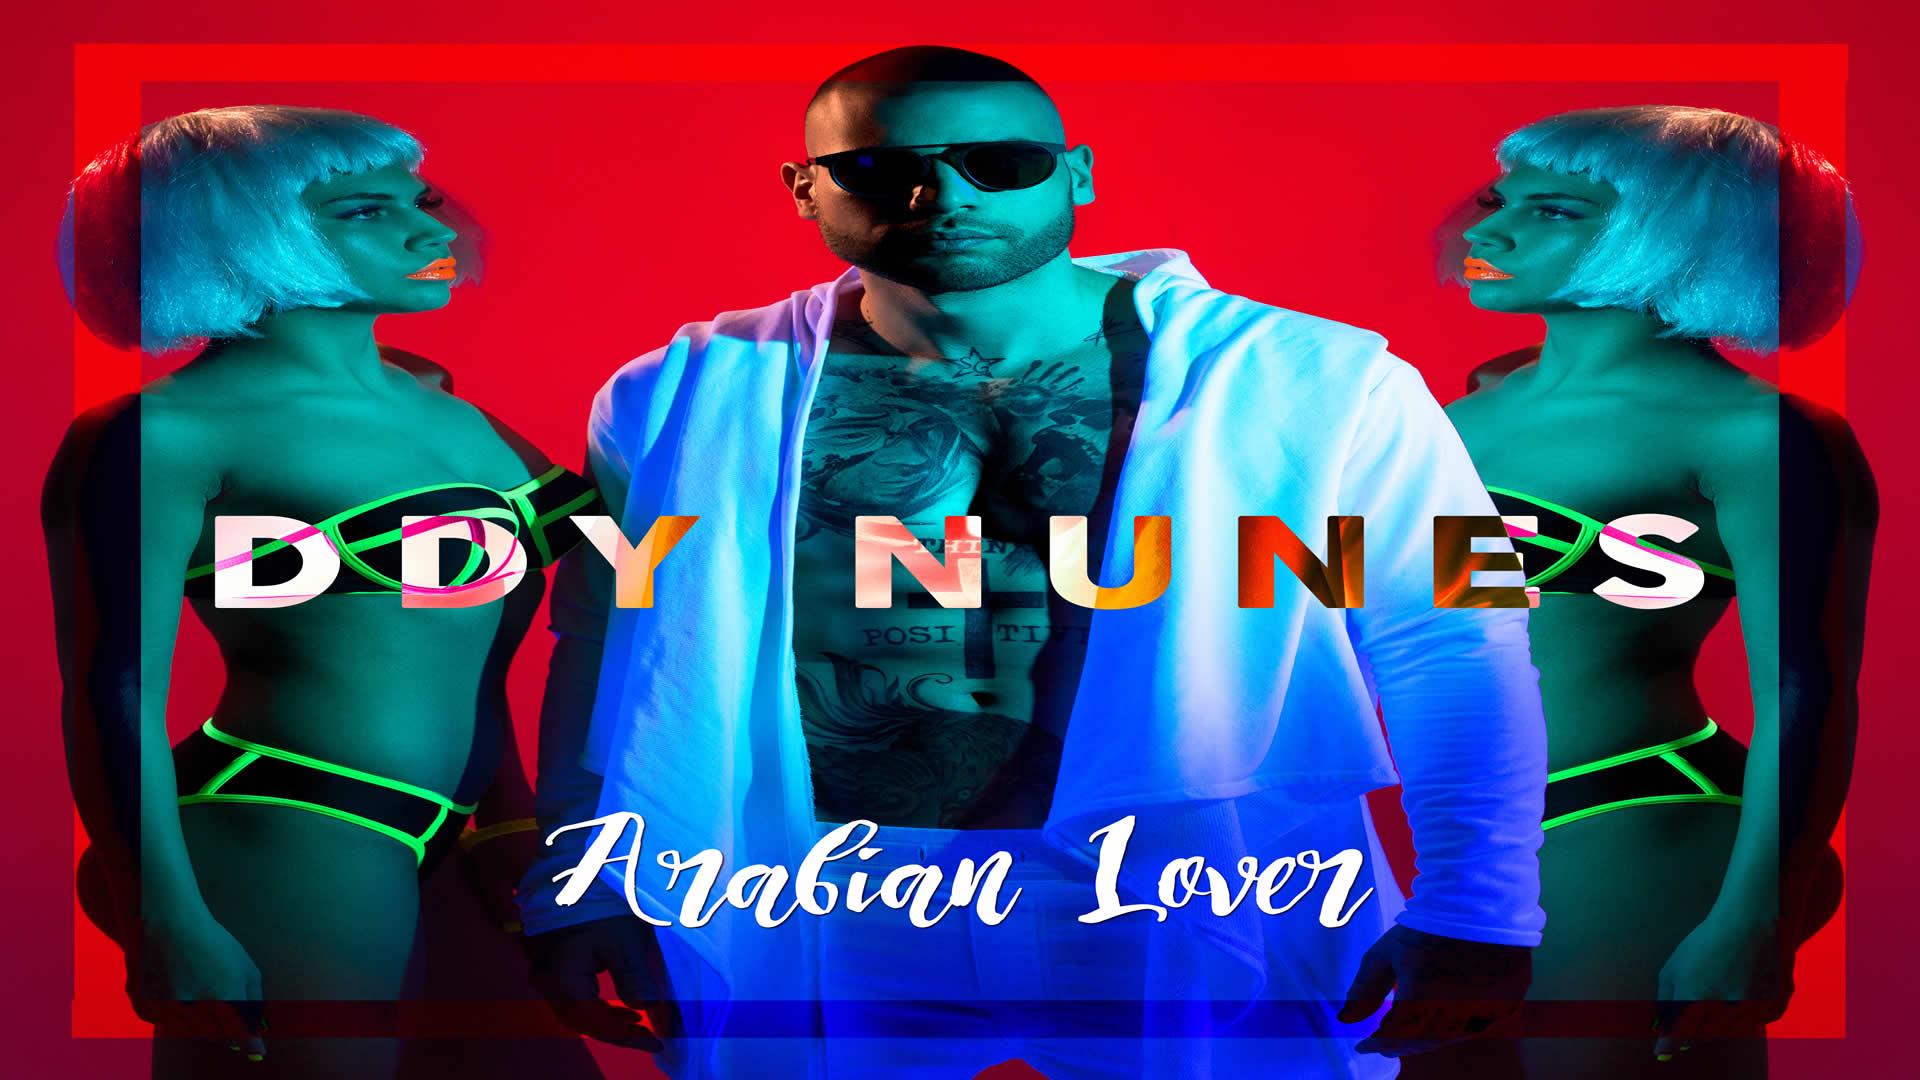 Ddy Nunes - Arabian Lover